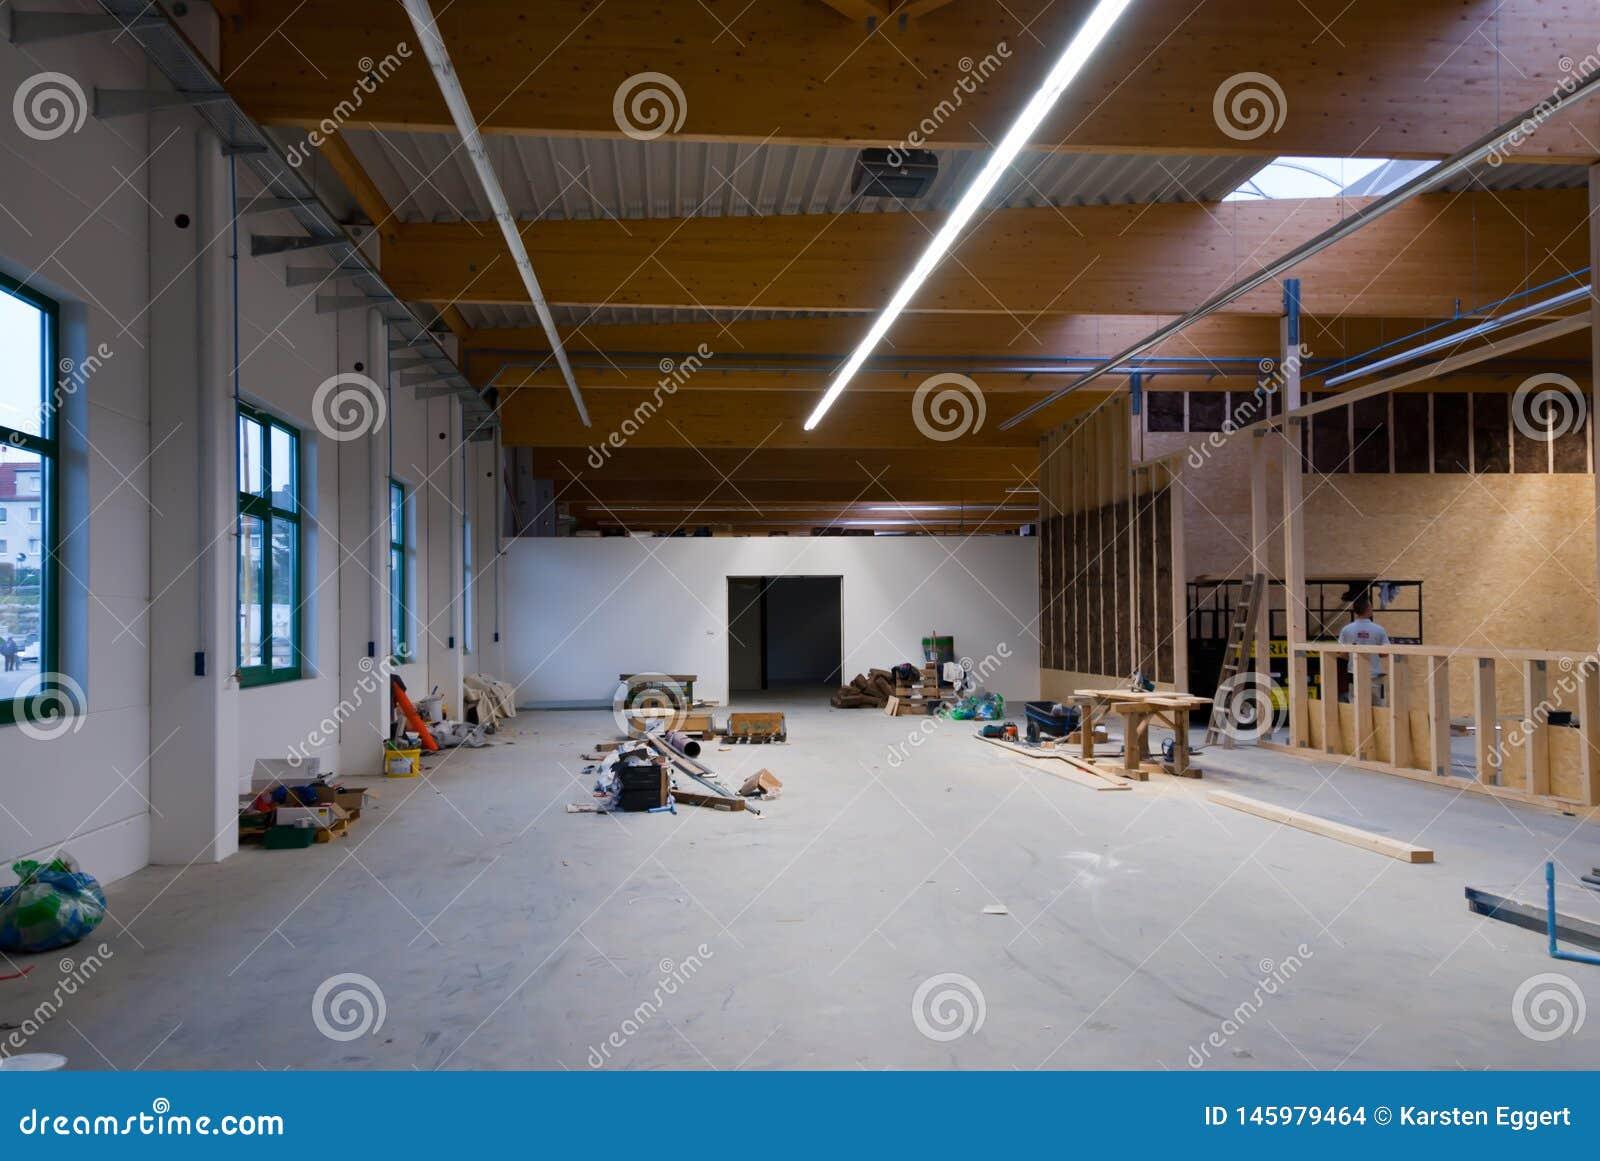 大工厂厂房被转换成仓库